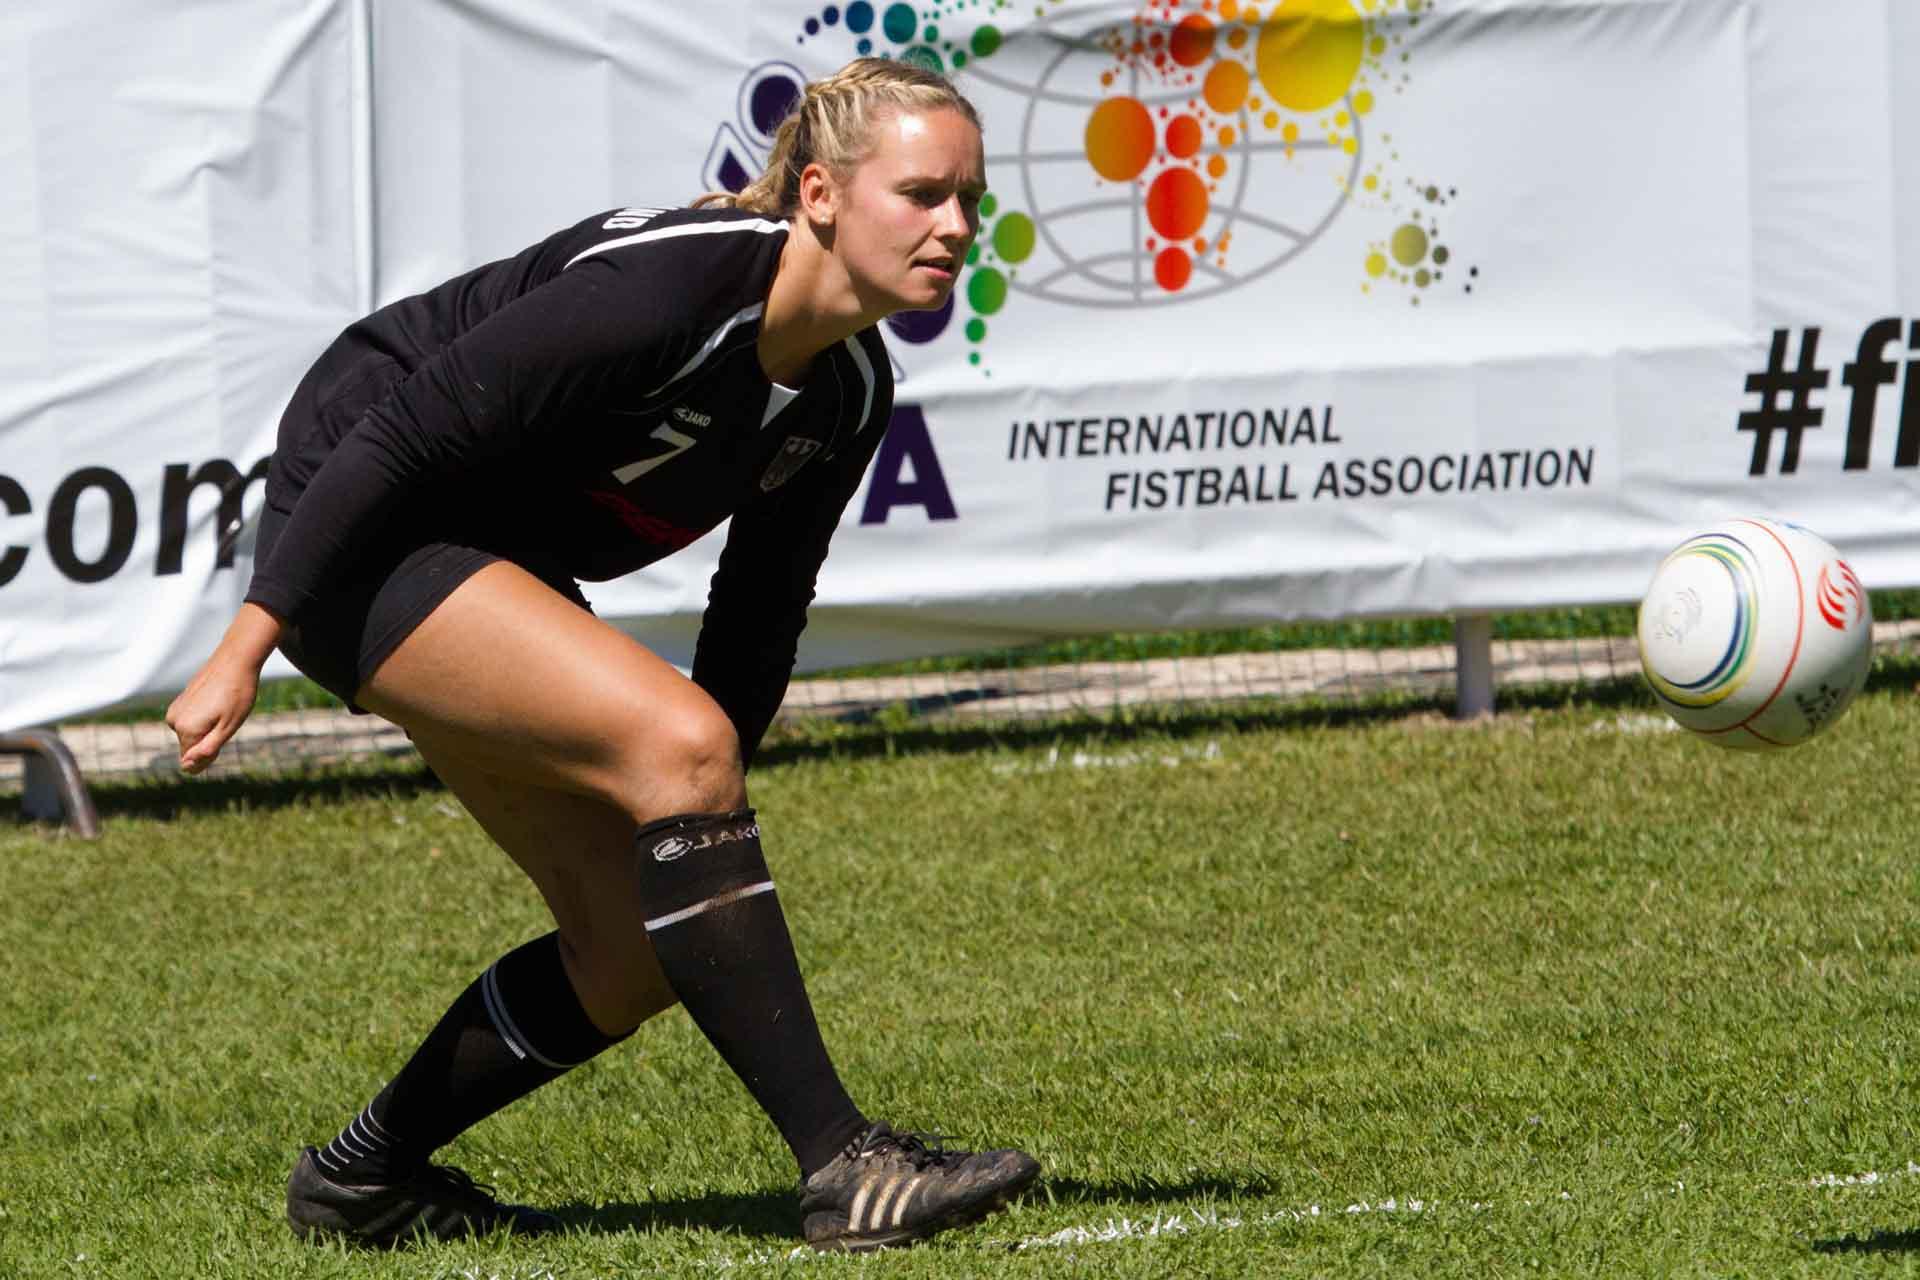 Sophia Scheidt im Spiel gegen die Argentinierinnen (Foto: Spille)